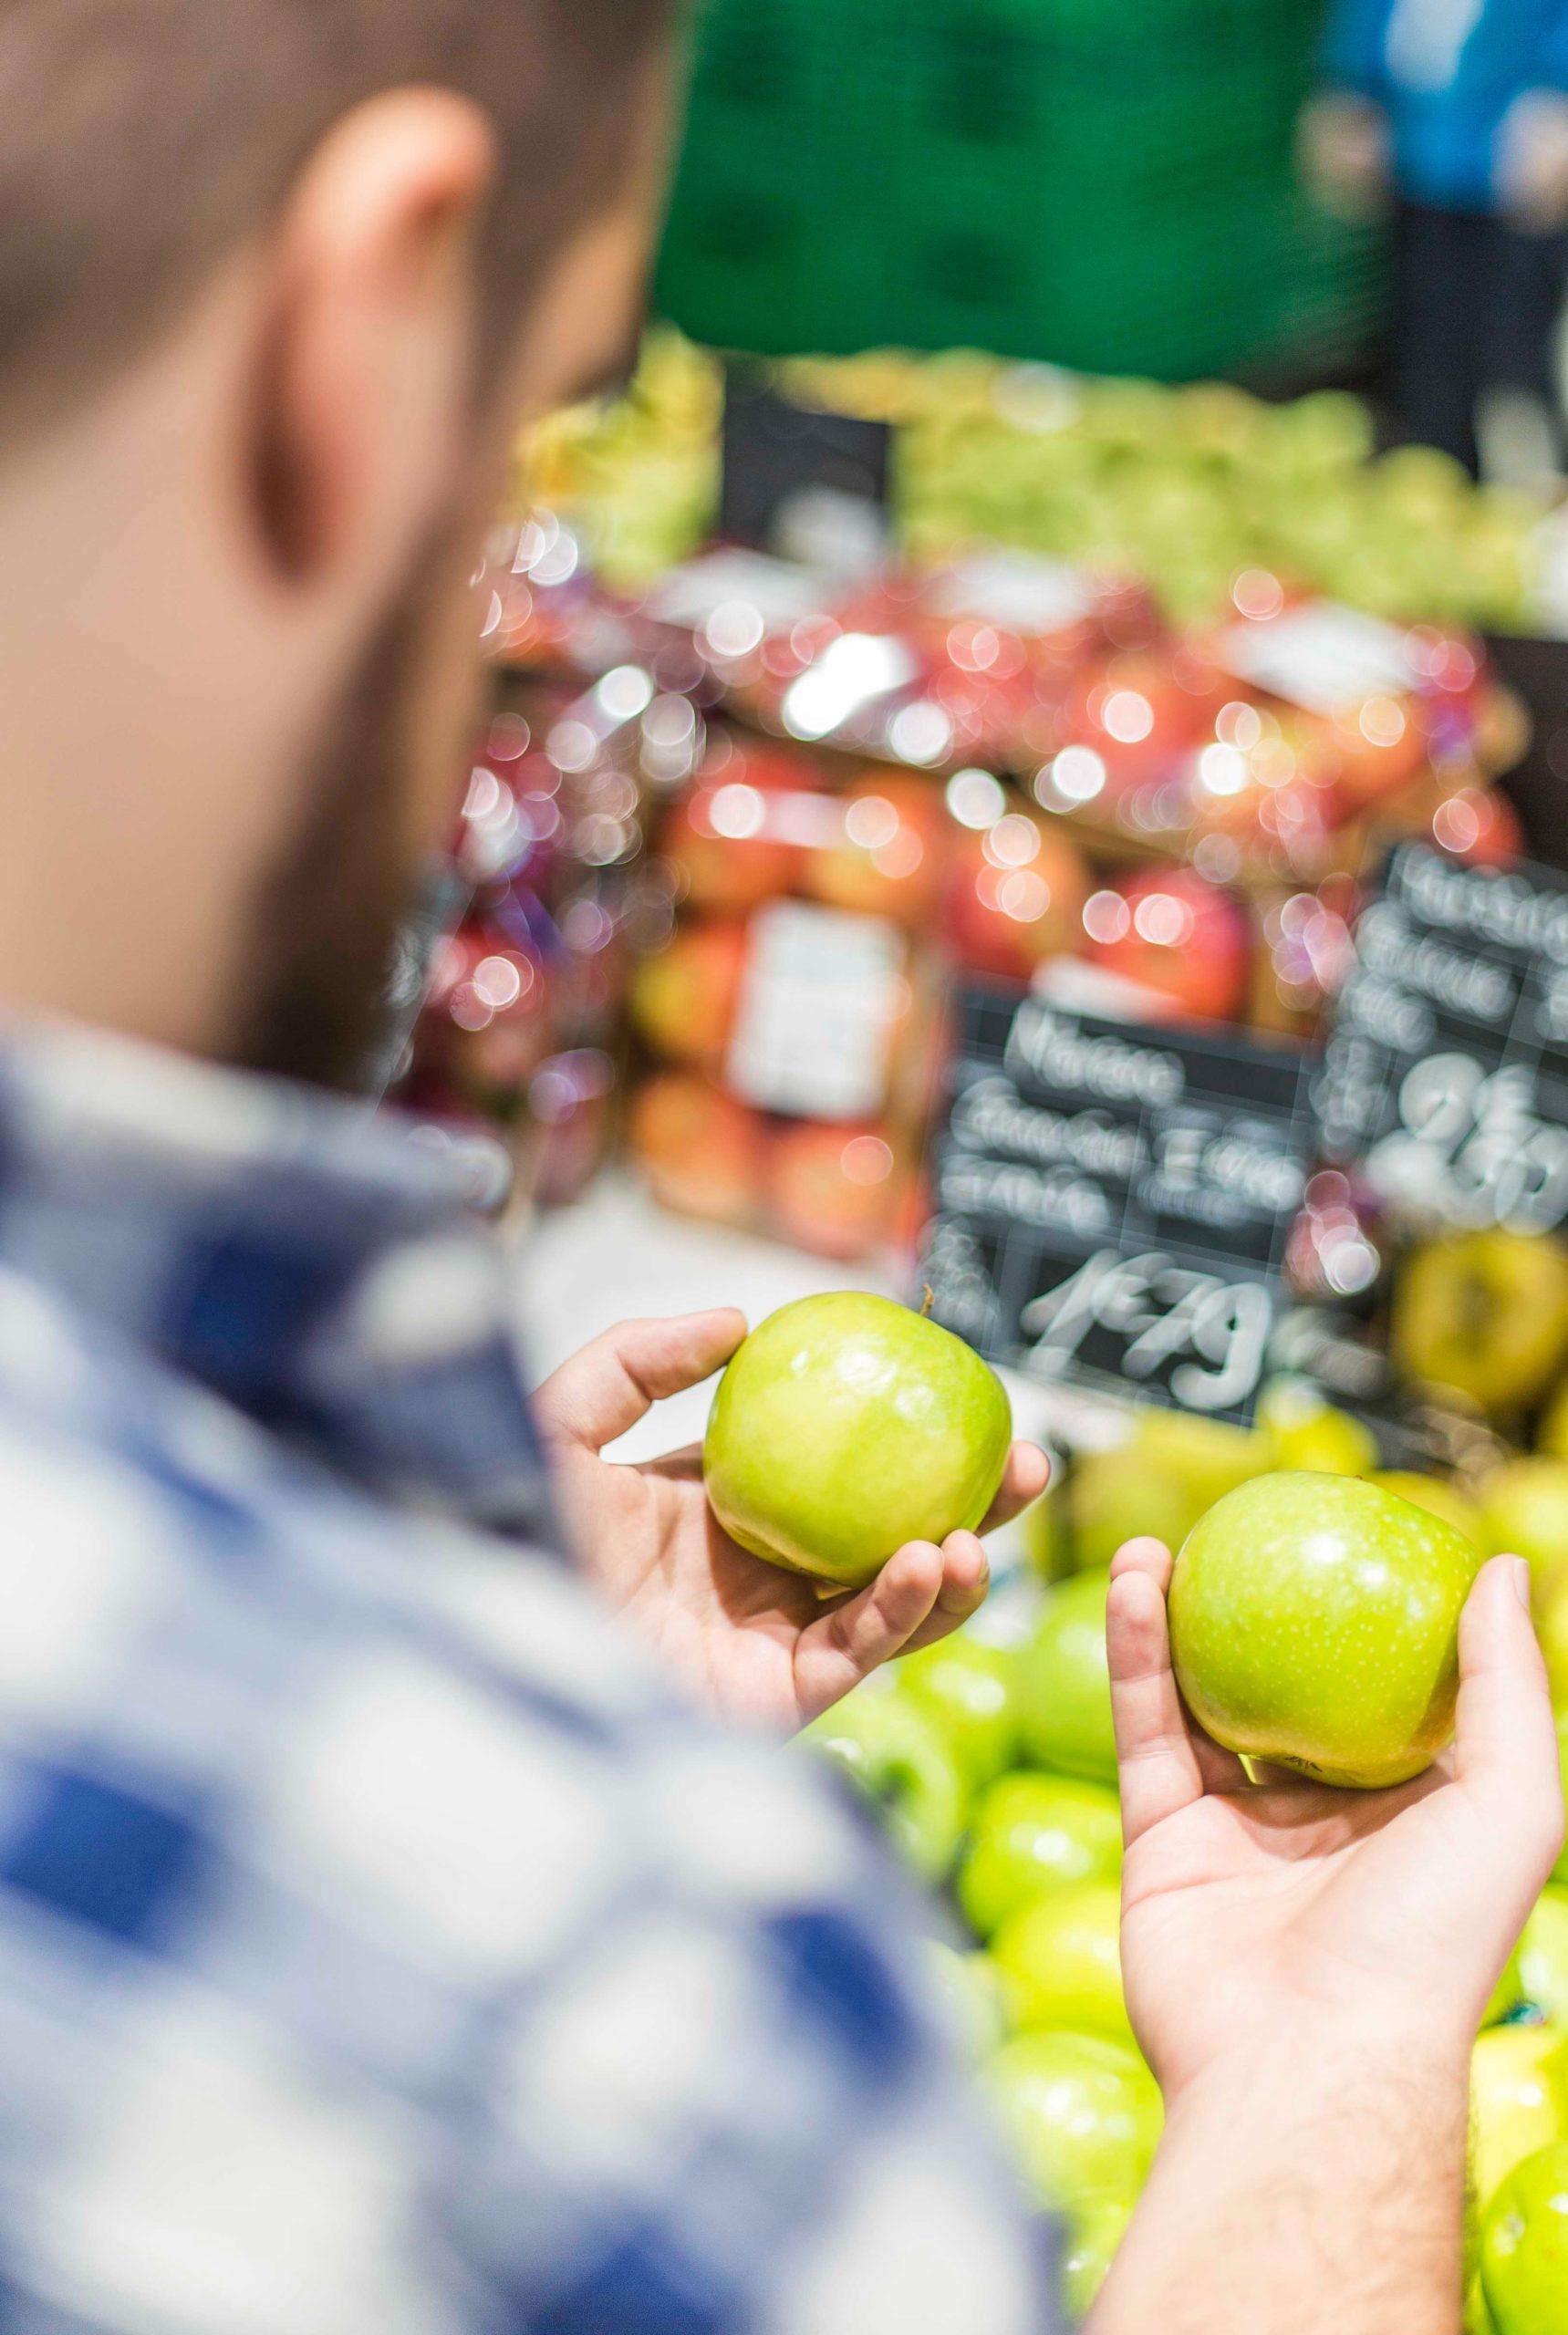 Badanie firmy Zebra: Tylko co piąty konsument jest przekonany o bezpieczeństwie spożywanej żywności